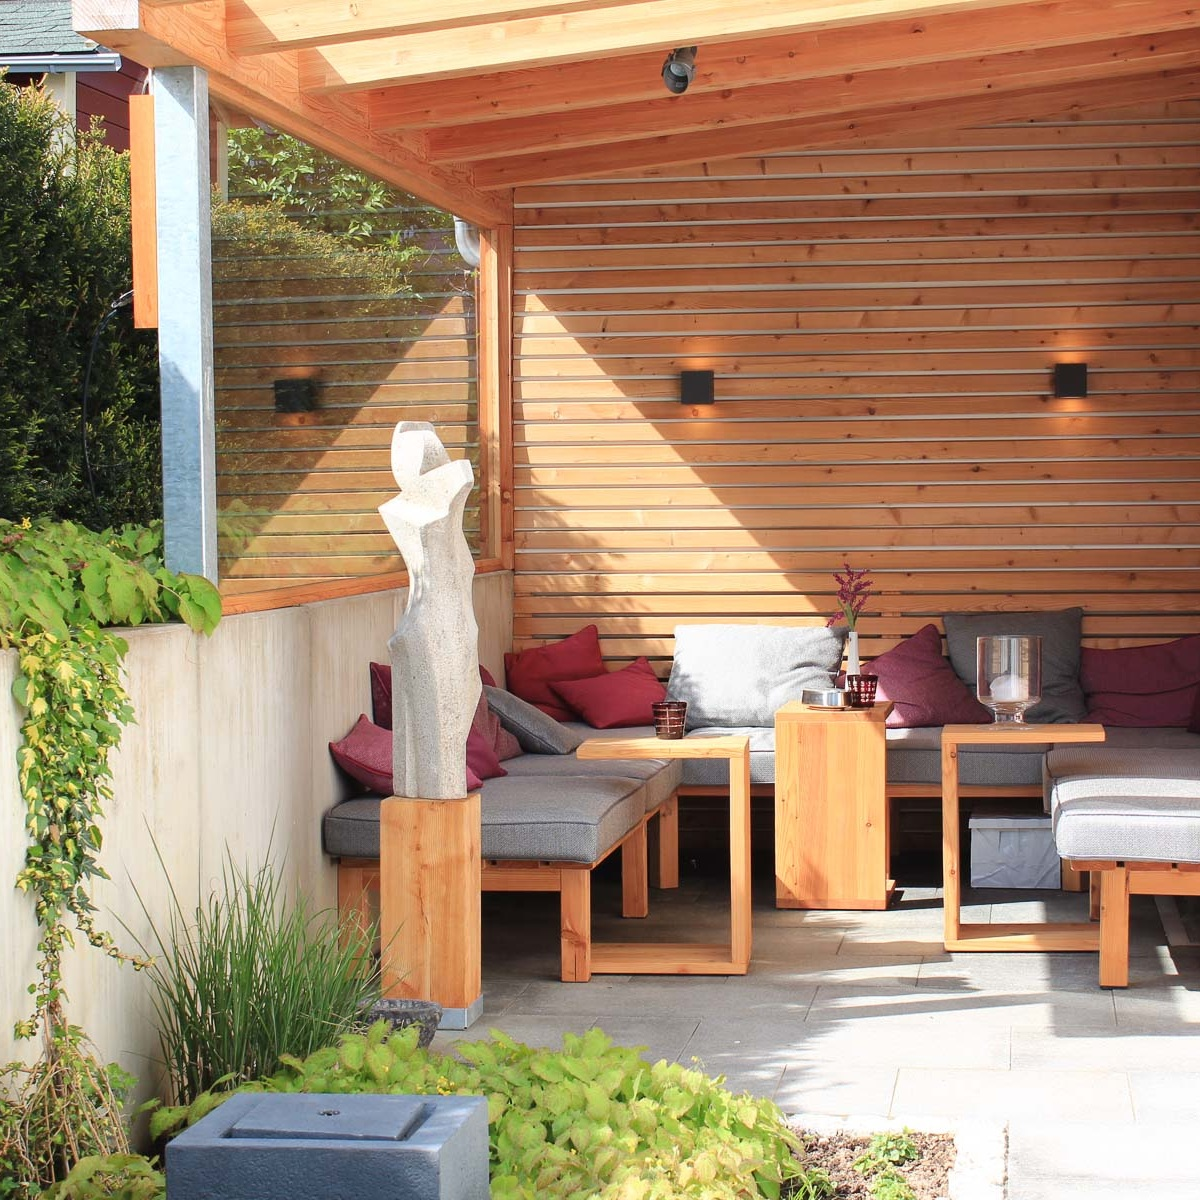 Eine Steinskulptur gliedert den Garten, bringt Höhenstruktur und dient als Blickpunkt auch vom Zugang.